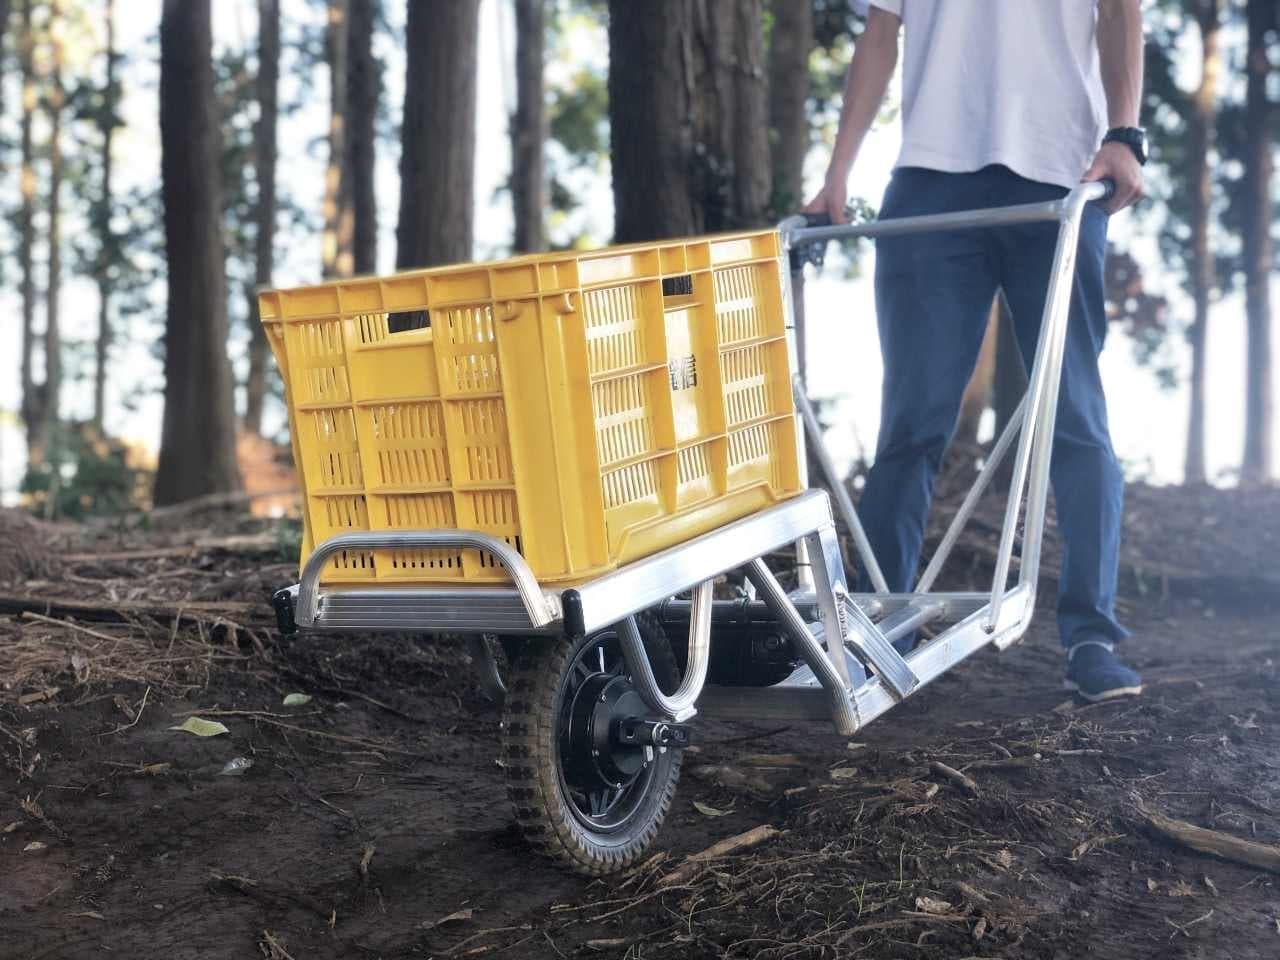 ネコを電動化!「E-Catコンプリートパッケージ」販売開始 農作業などでの運搬作業を軽労化